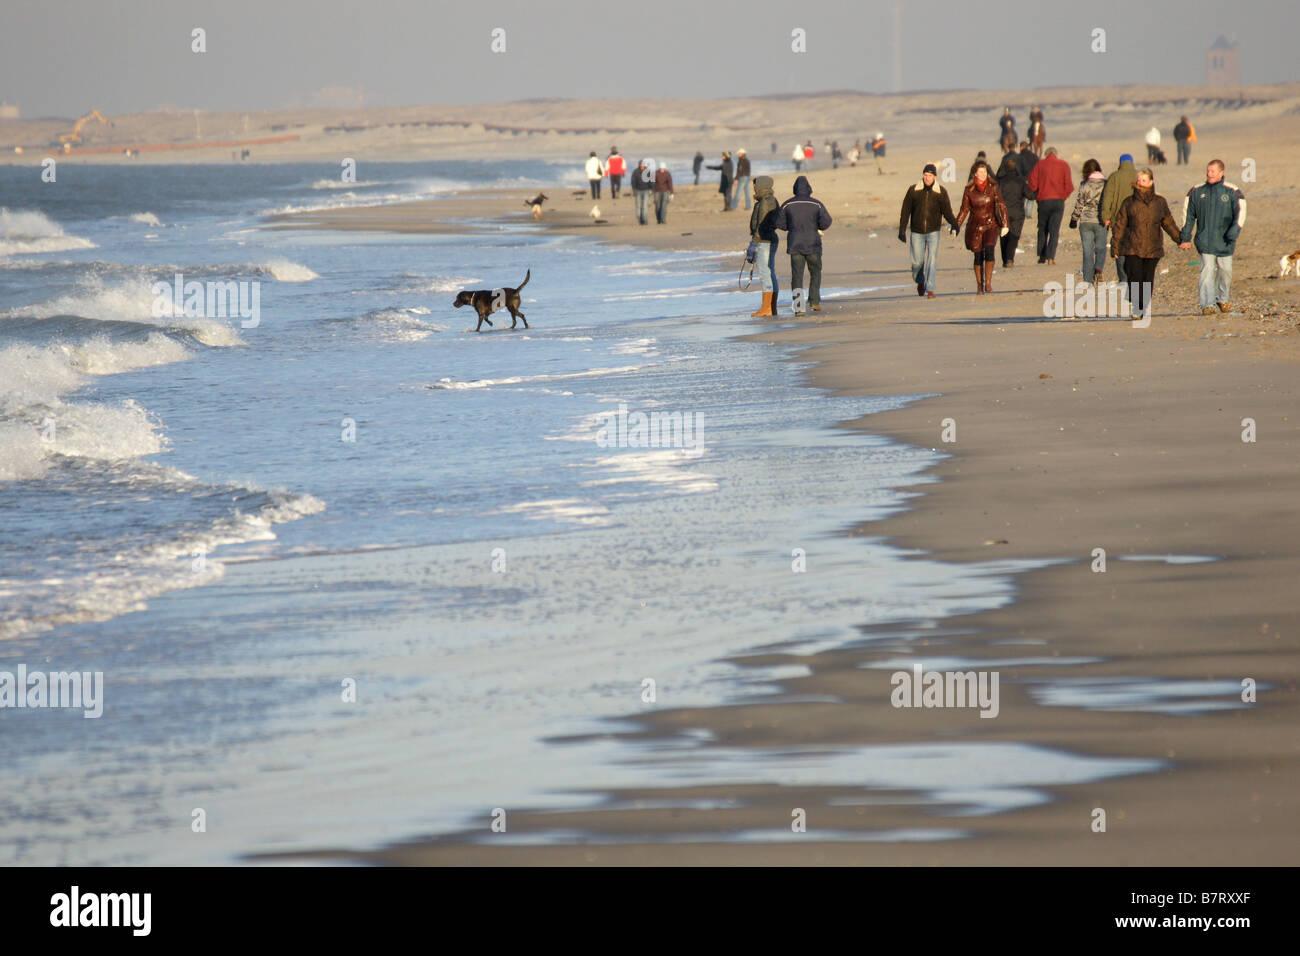 Crowd Many People Walking Hoek Van Holland Beach Seashore